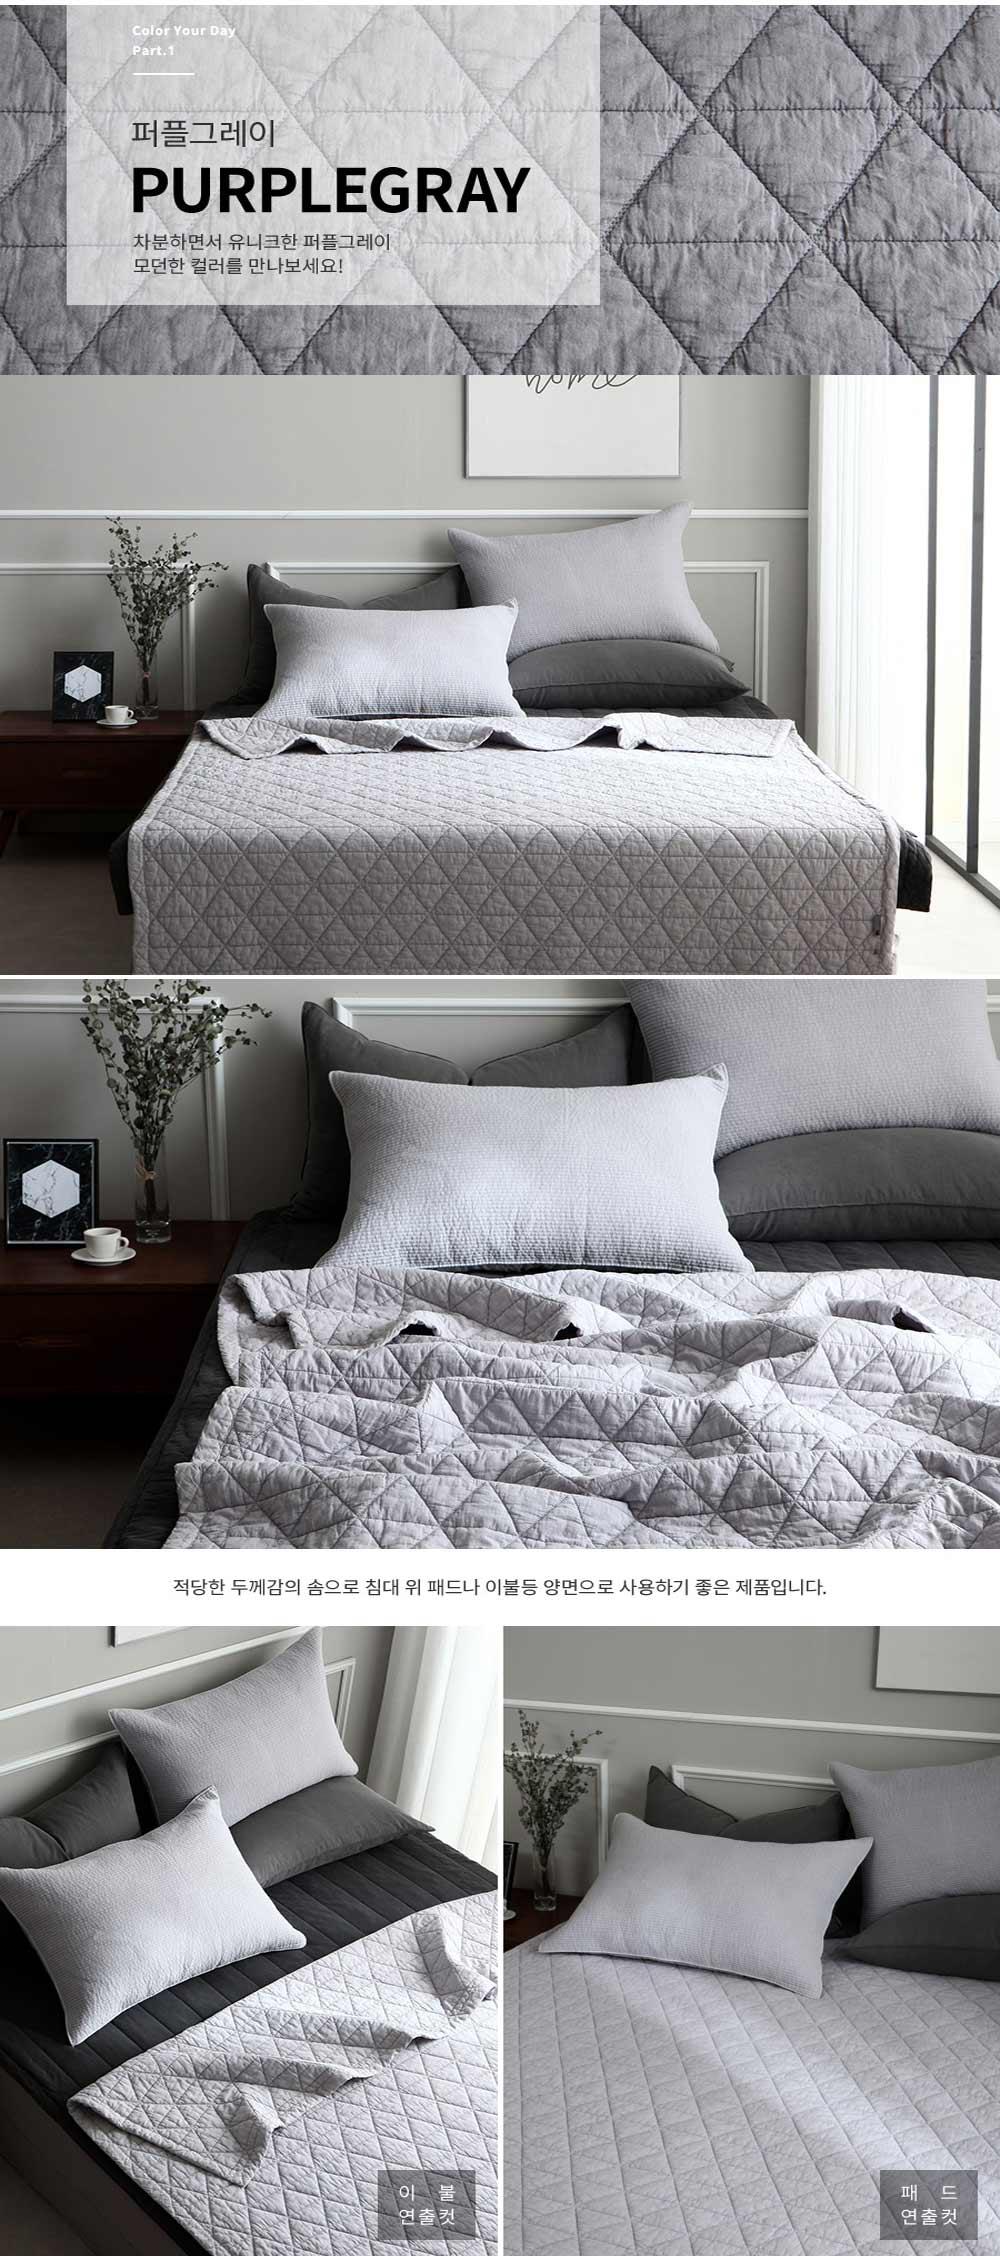 Drap trải giường đa năng cao cấp